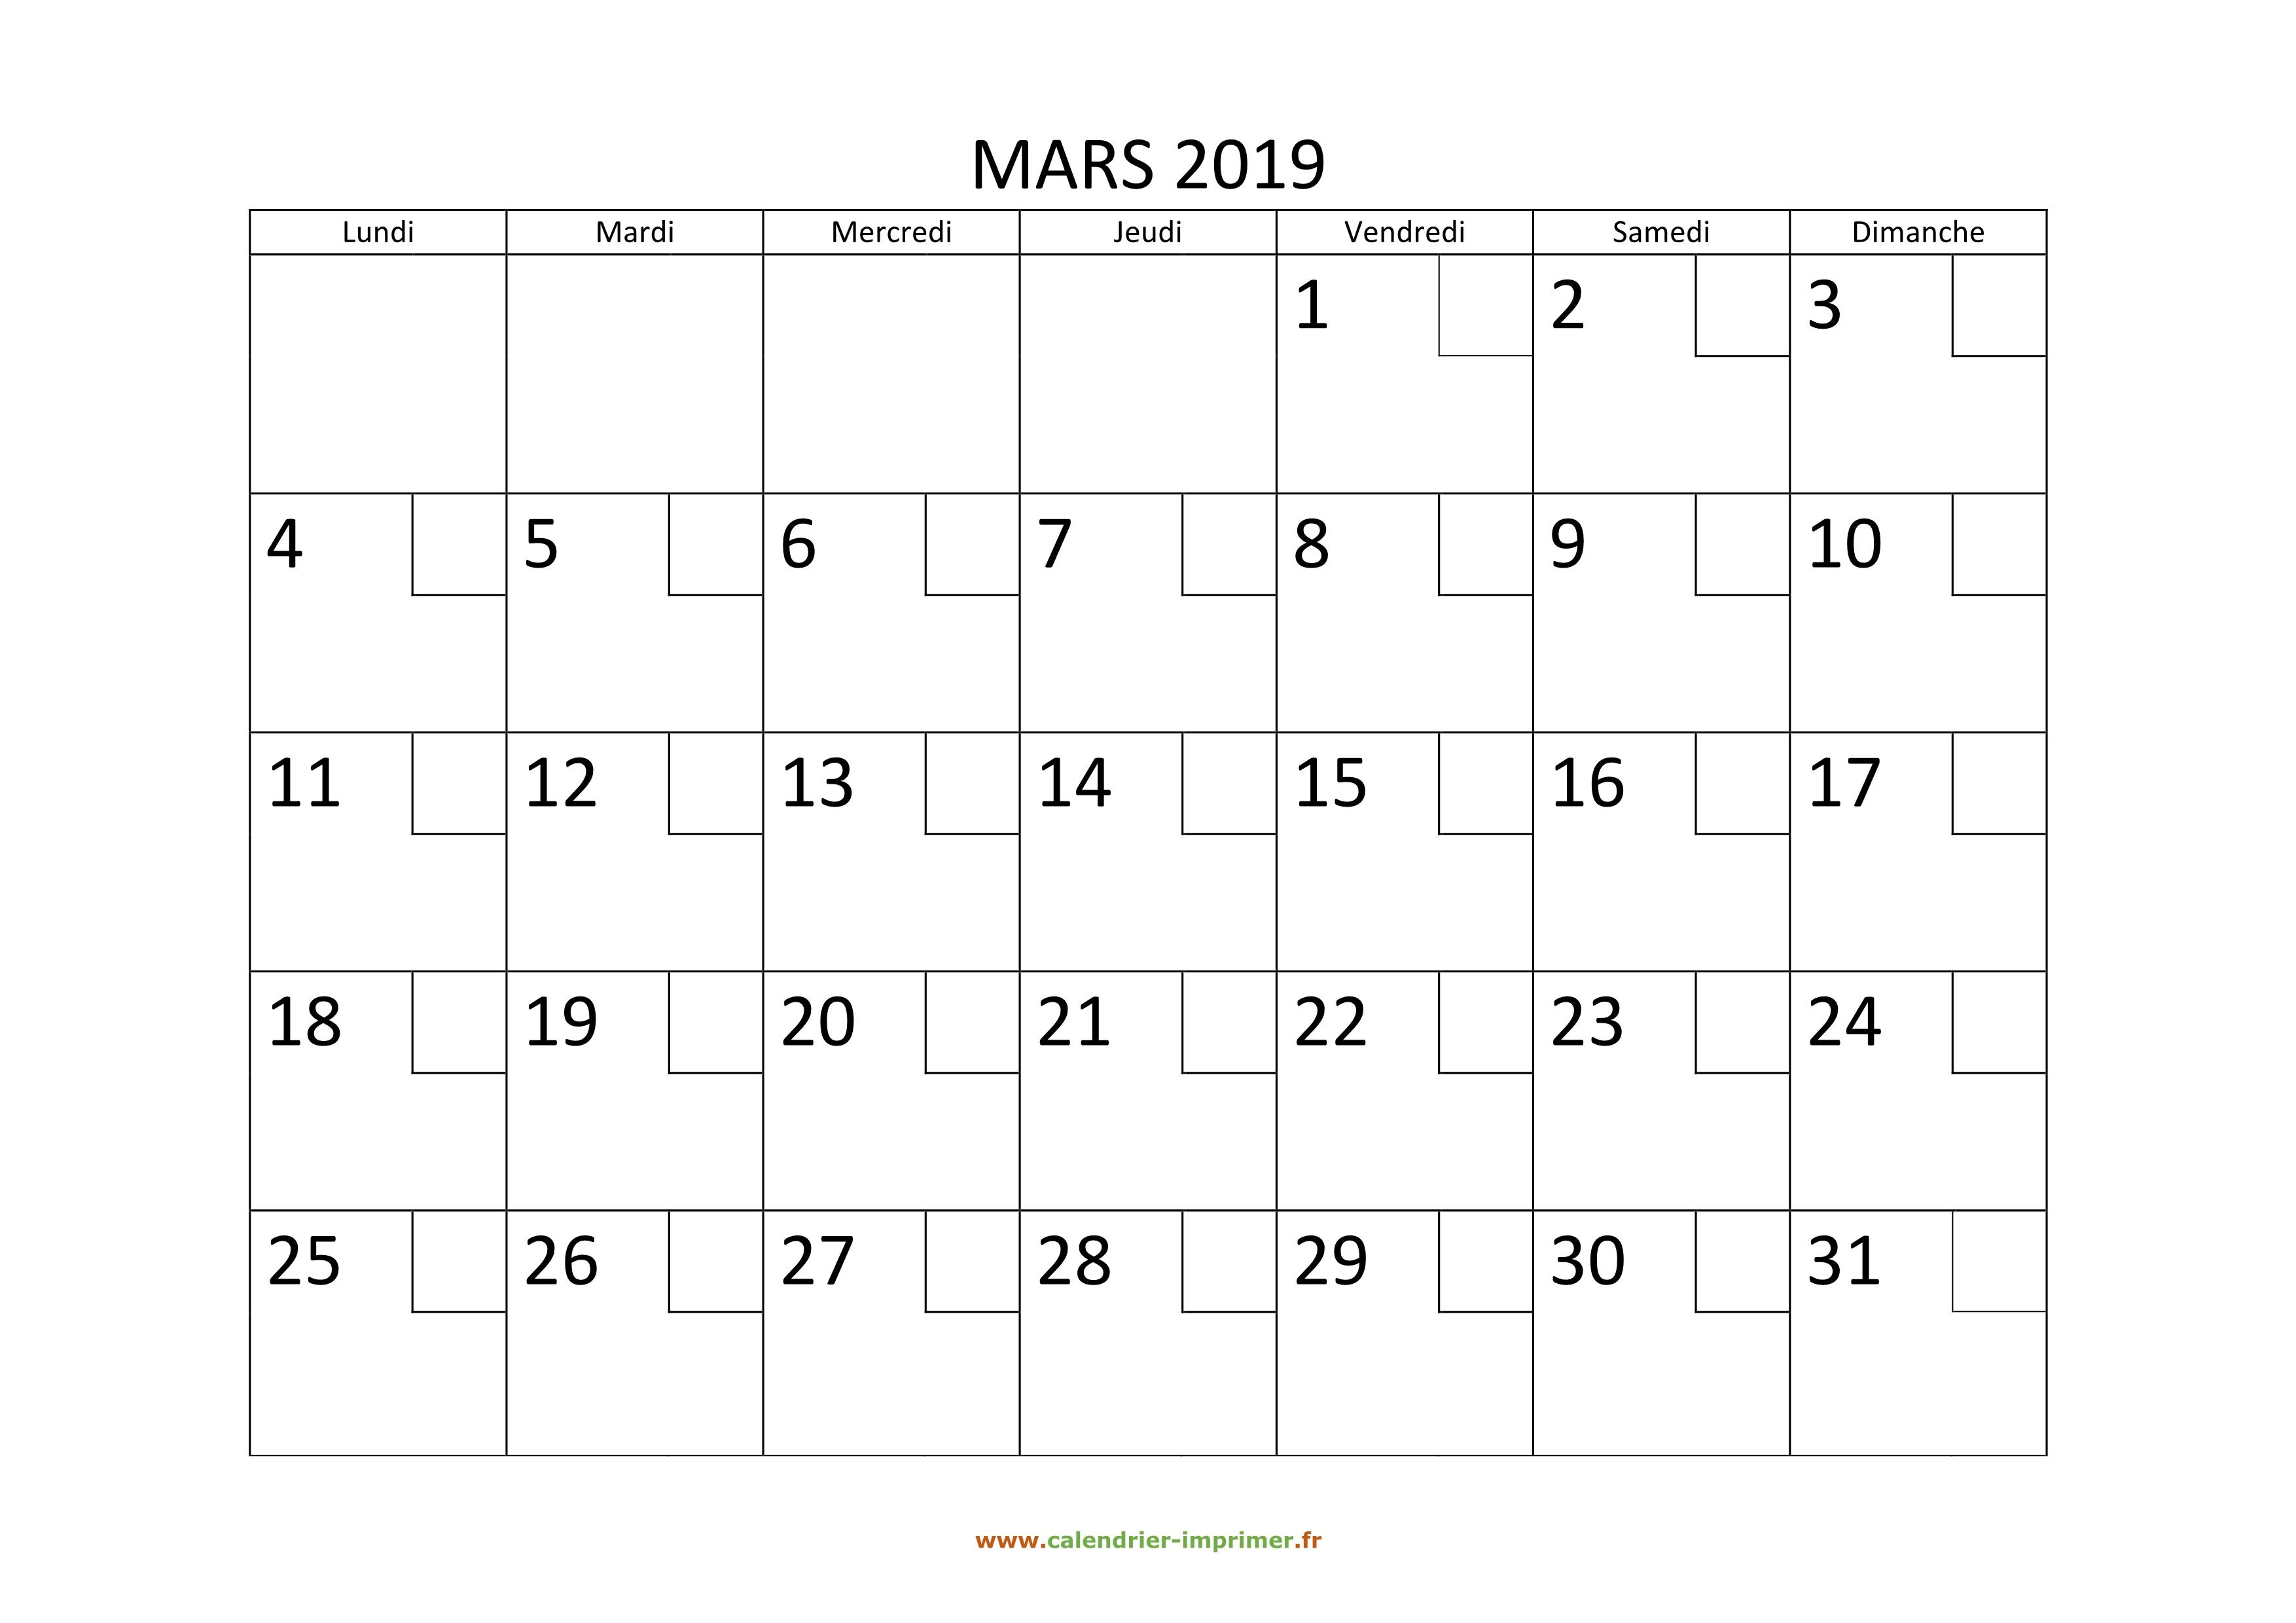 Calendrier De Mars 2019.Calendrier Mars 2019 A Imprimer